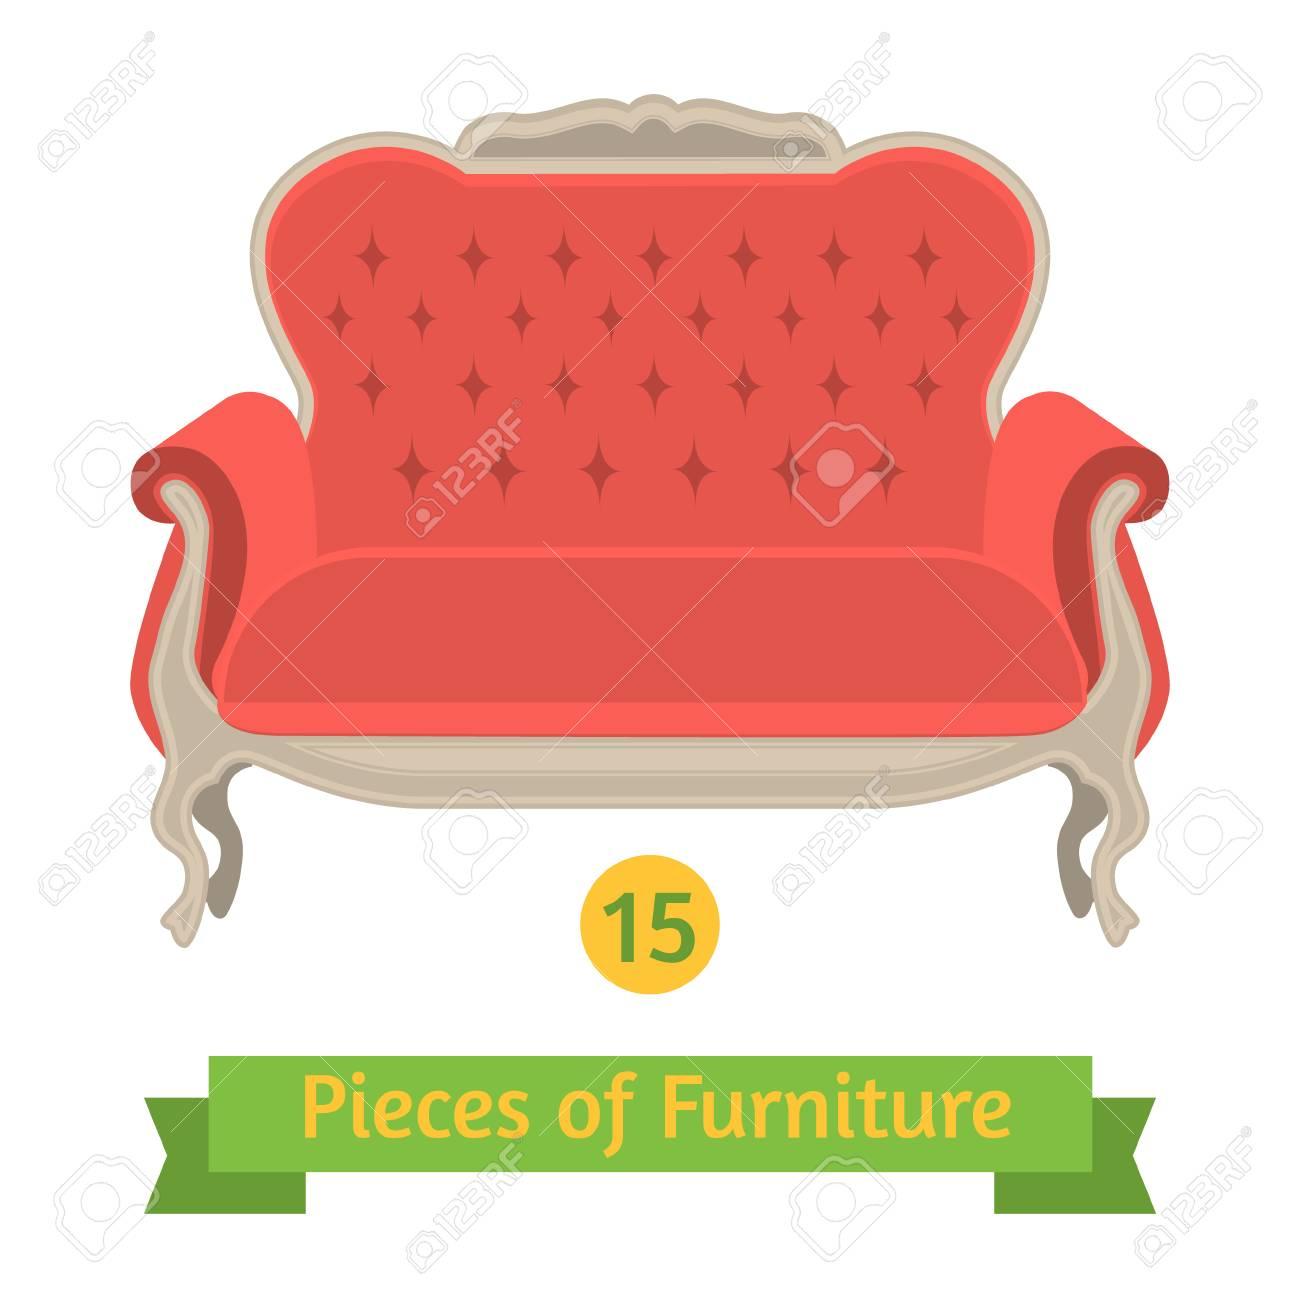 Vektor Mobel Antike Sofa Barock Flache Bauform Lizenzfrei